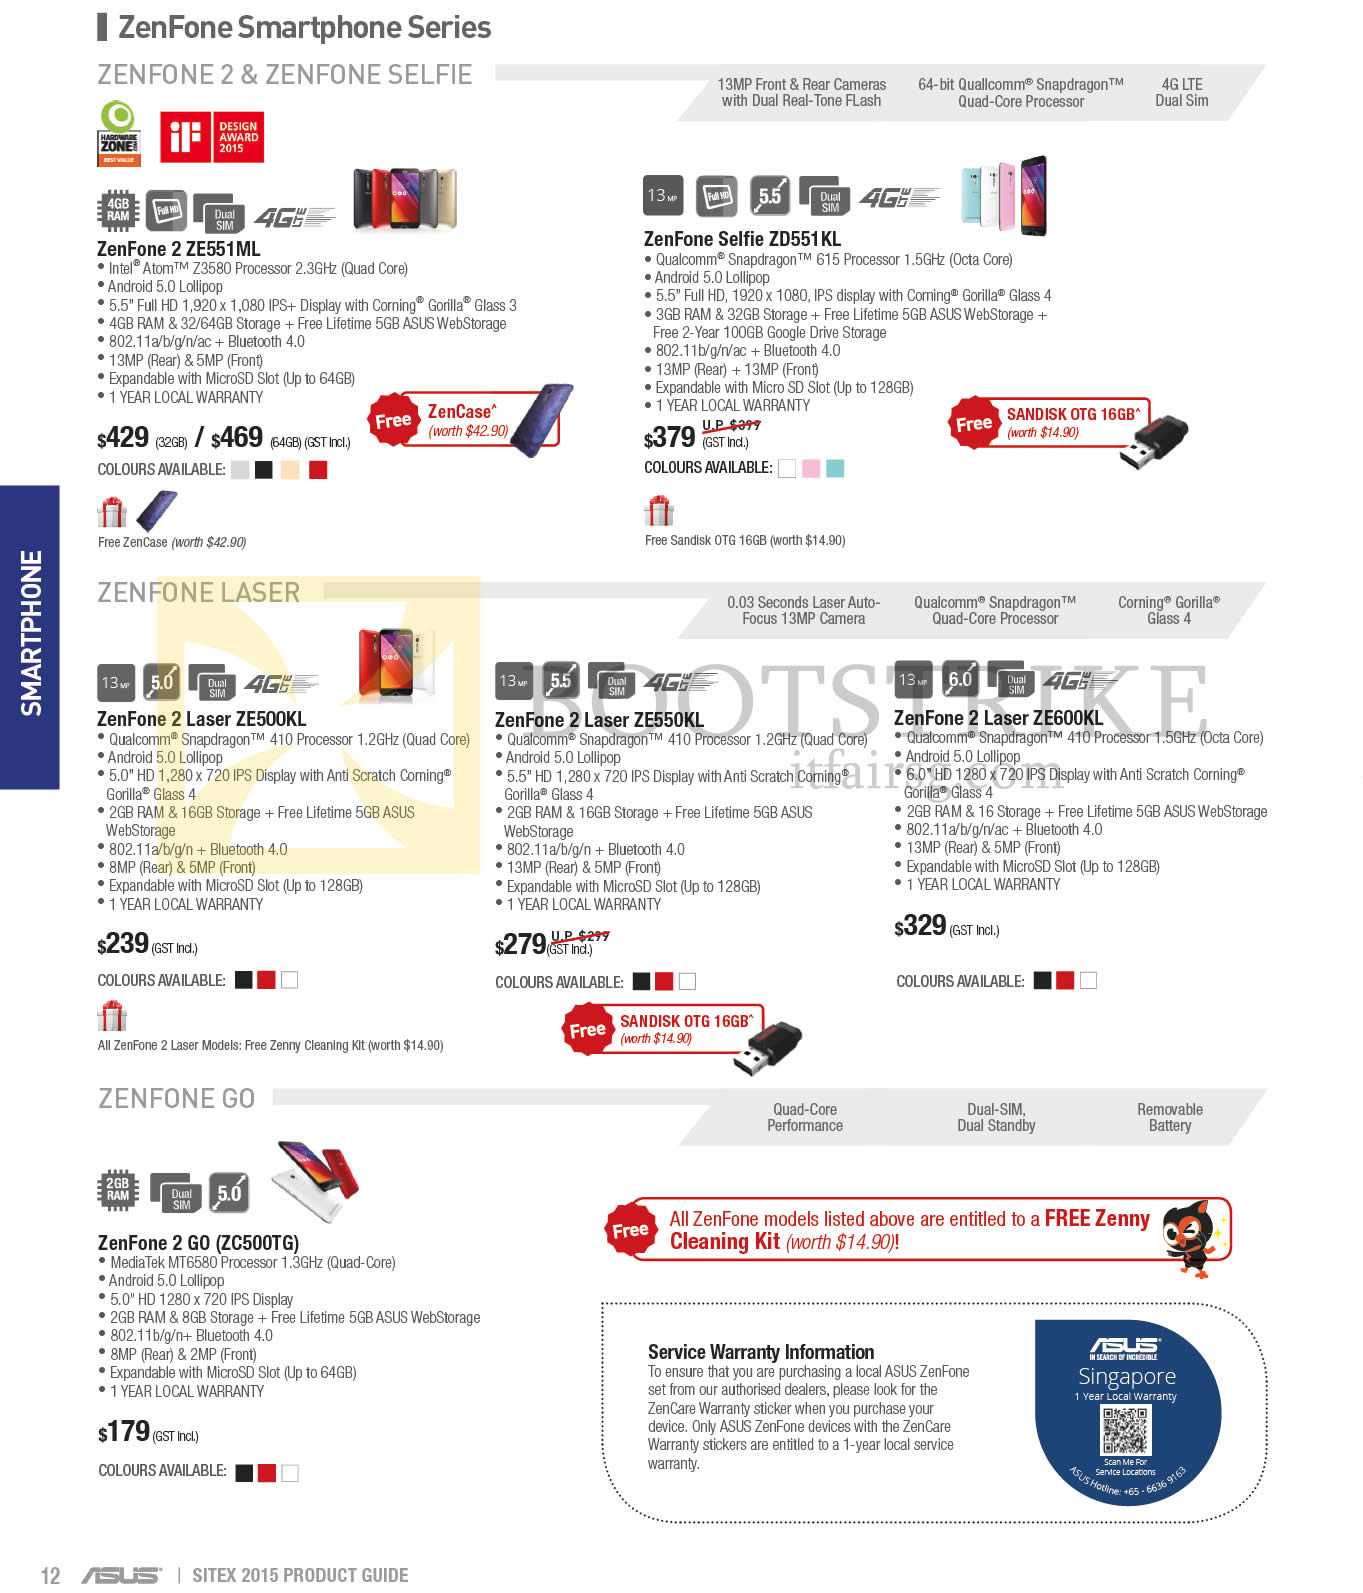 Asus Smartphones Zenfone 2 Ze551ml Selfie Zd551kl Selfi 4g Lte Sitex 2015 Price List Image Brochure Of